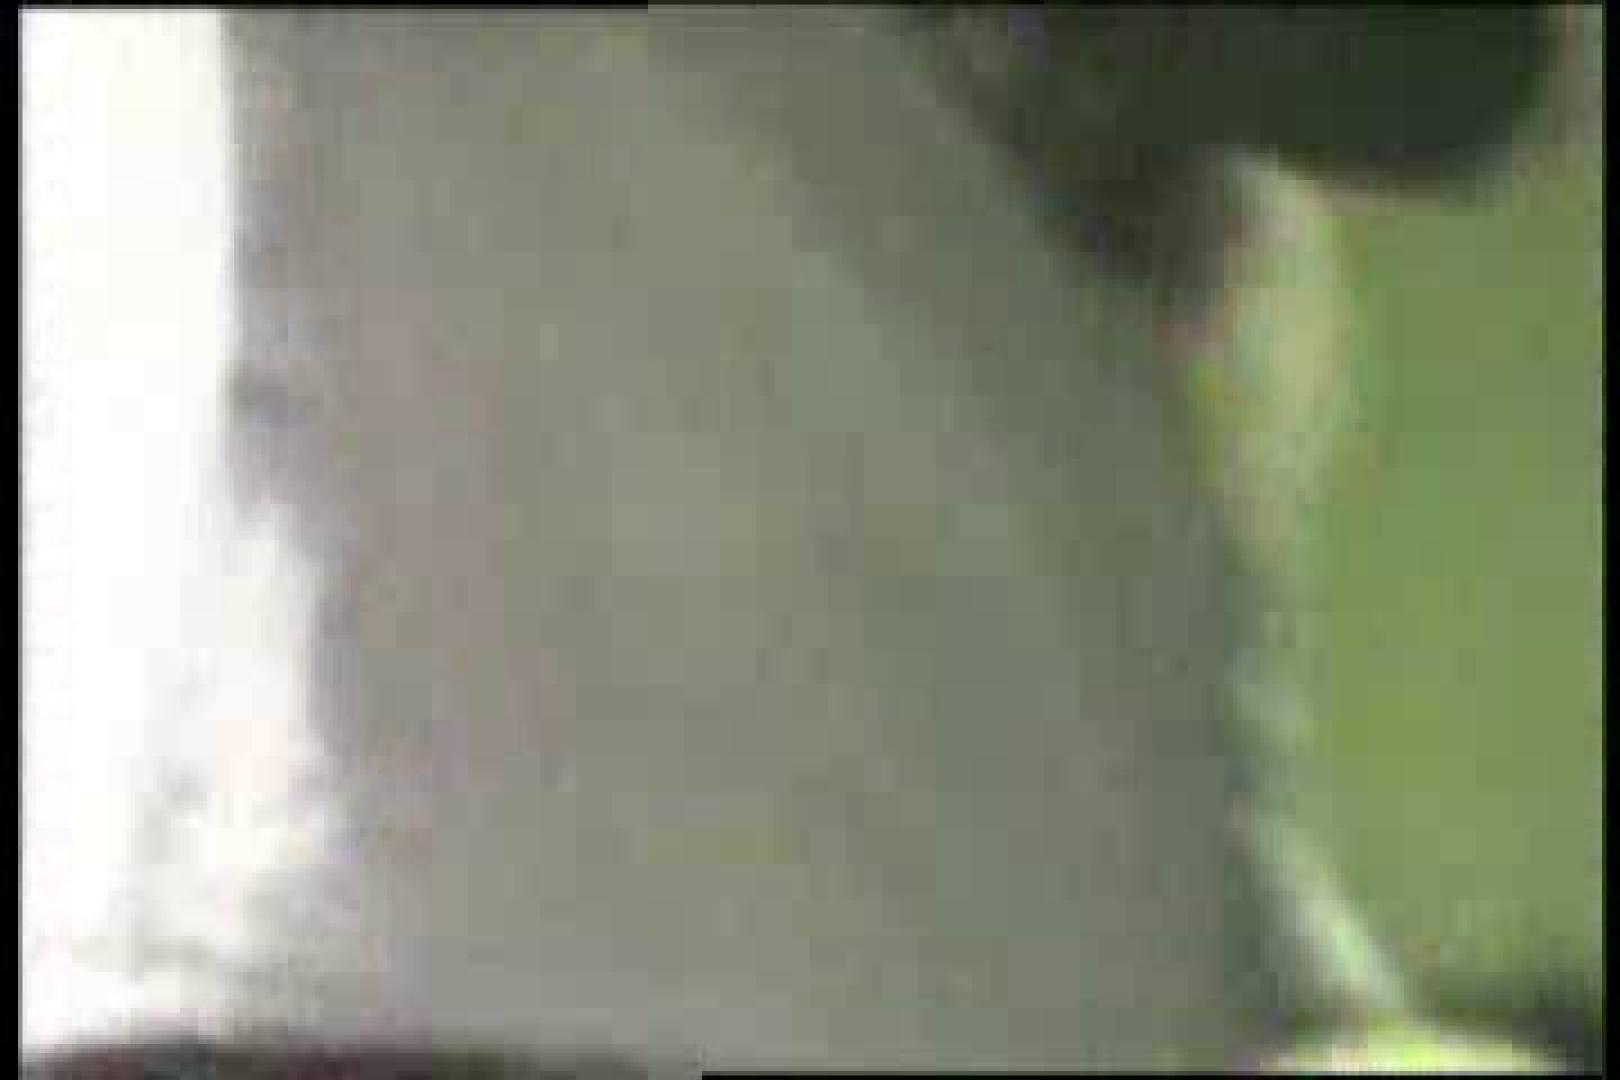 【実録個人撮影】男の子達の禁断の愛欲性活!!vol.03 オナニー ゲイエロ画像 87pic 53